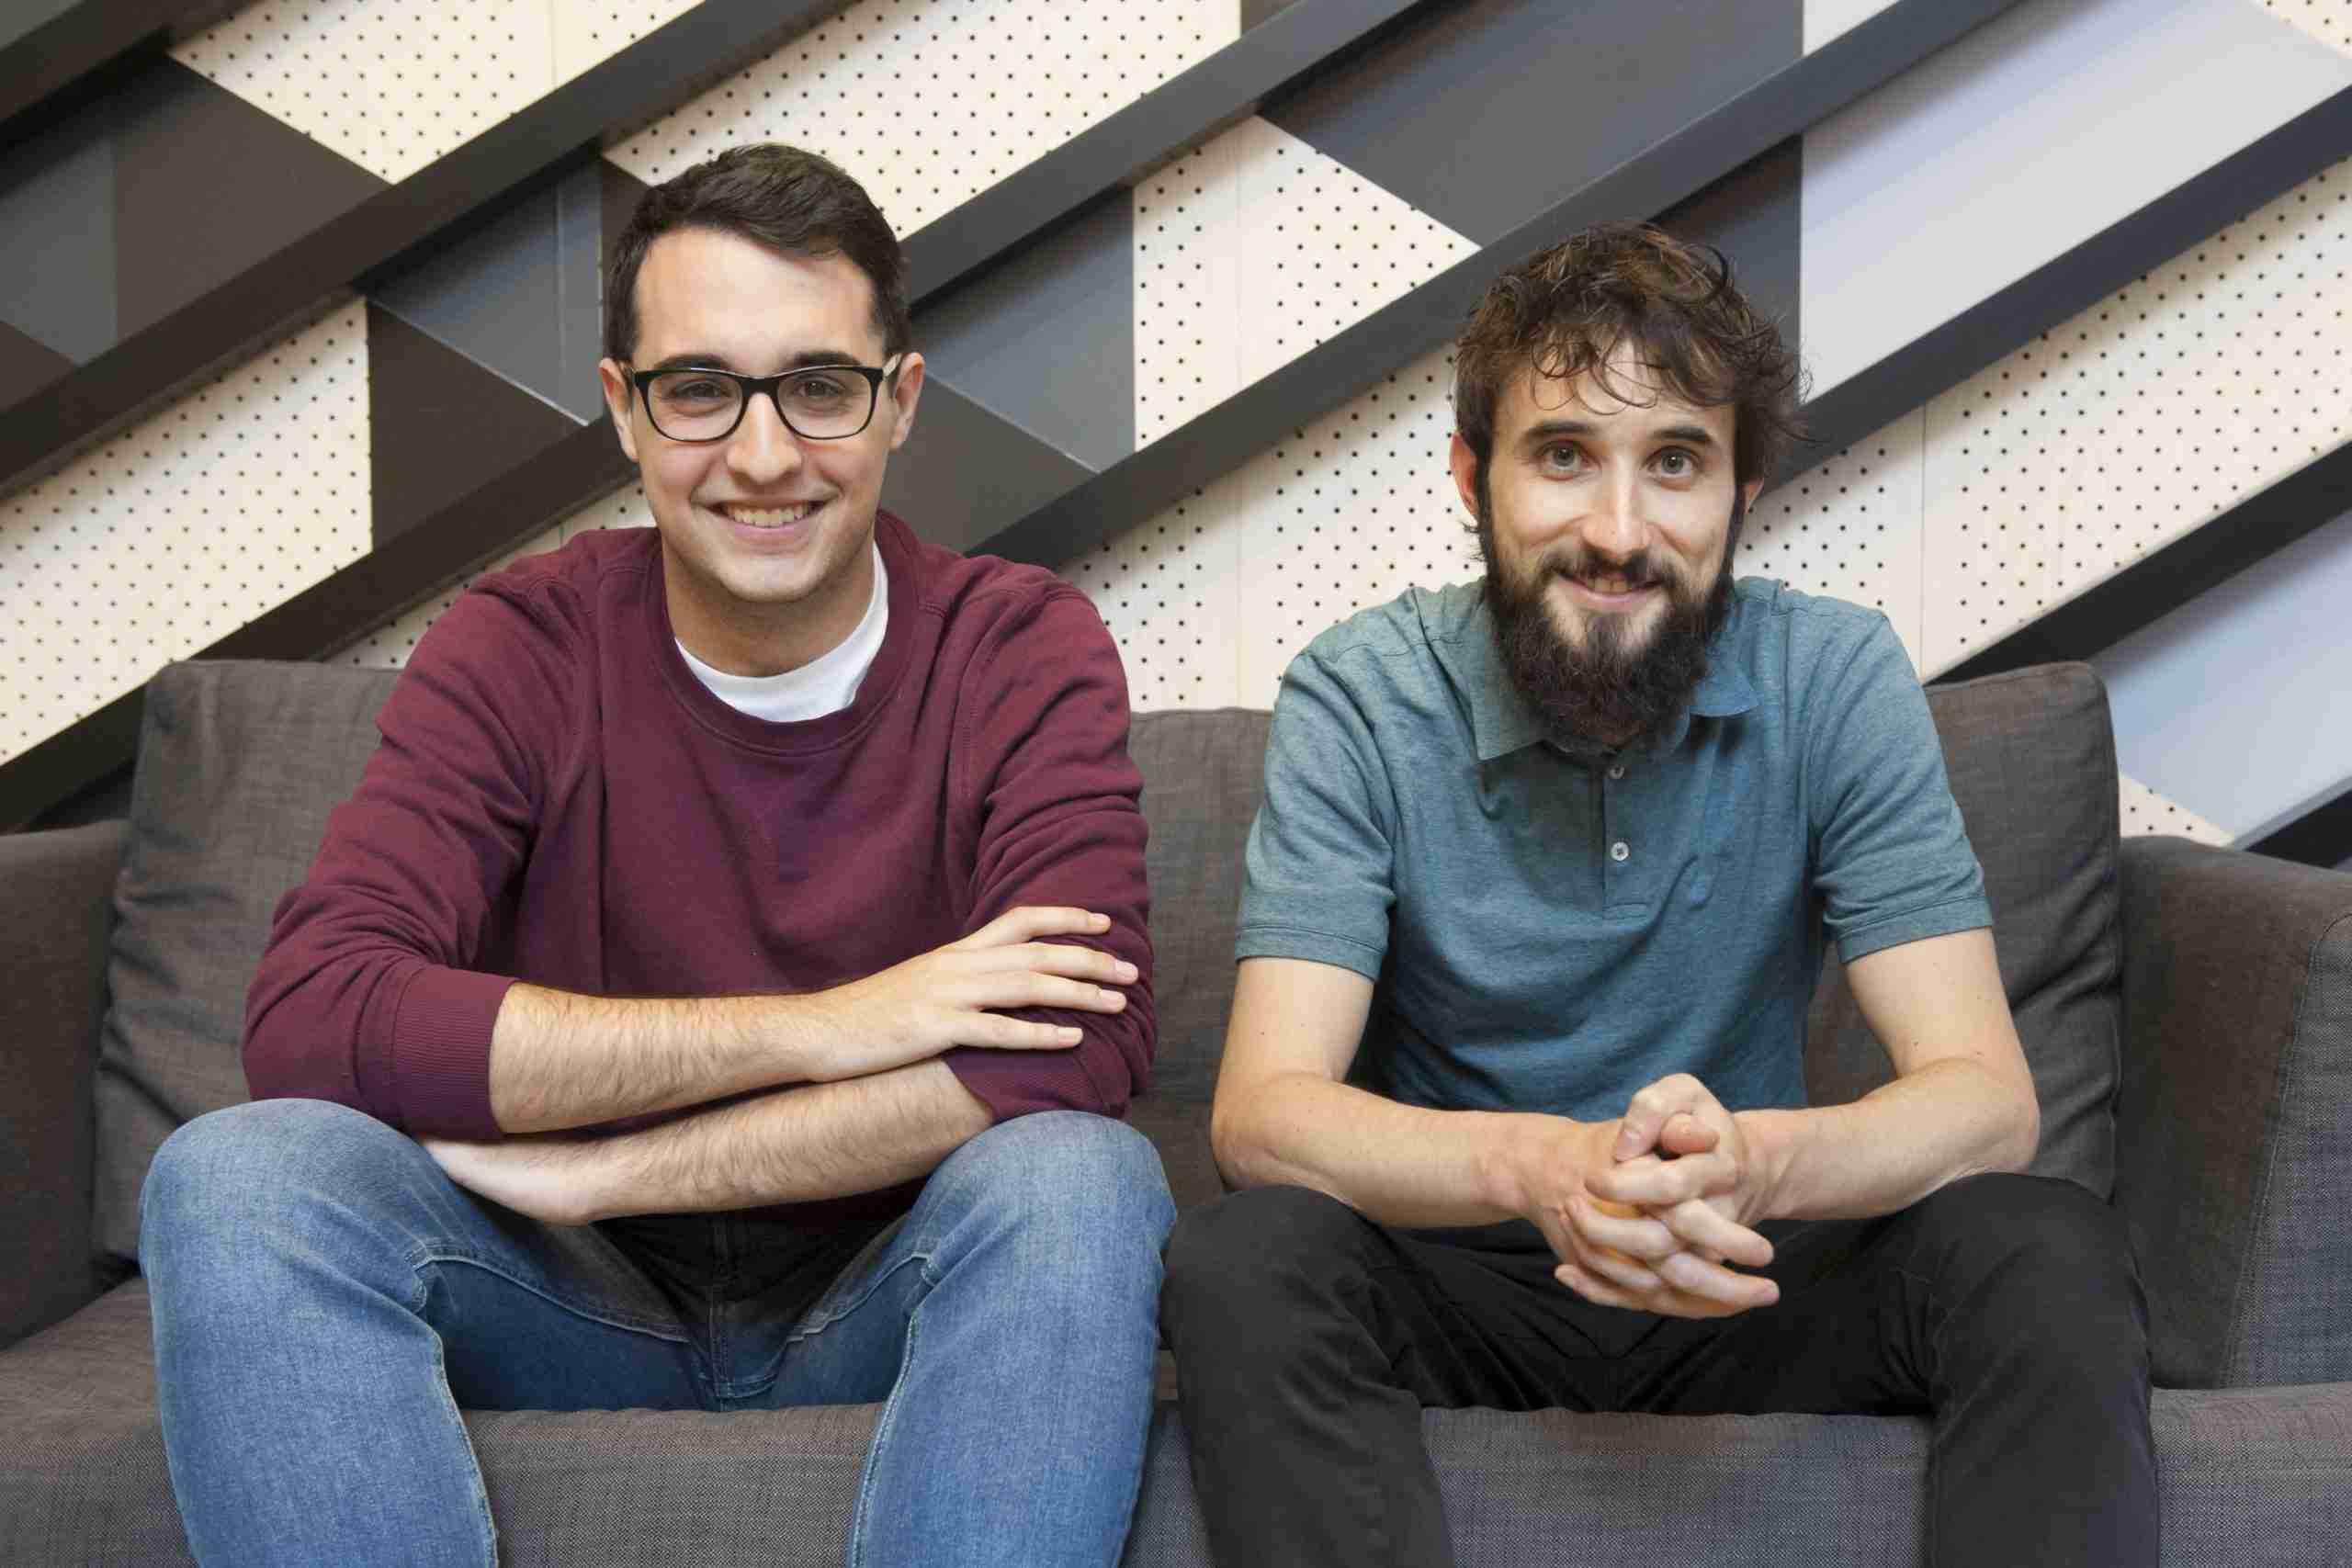 El manchego David Carrero invierte con Automattic, creadores de WordPress.com, en la plataforma Frontity 6